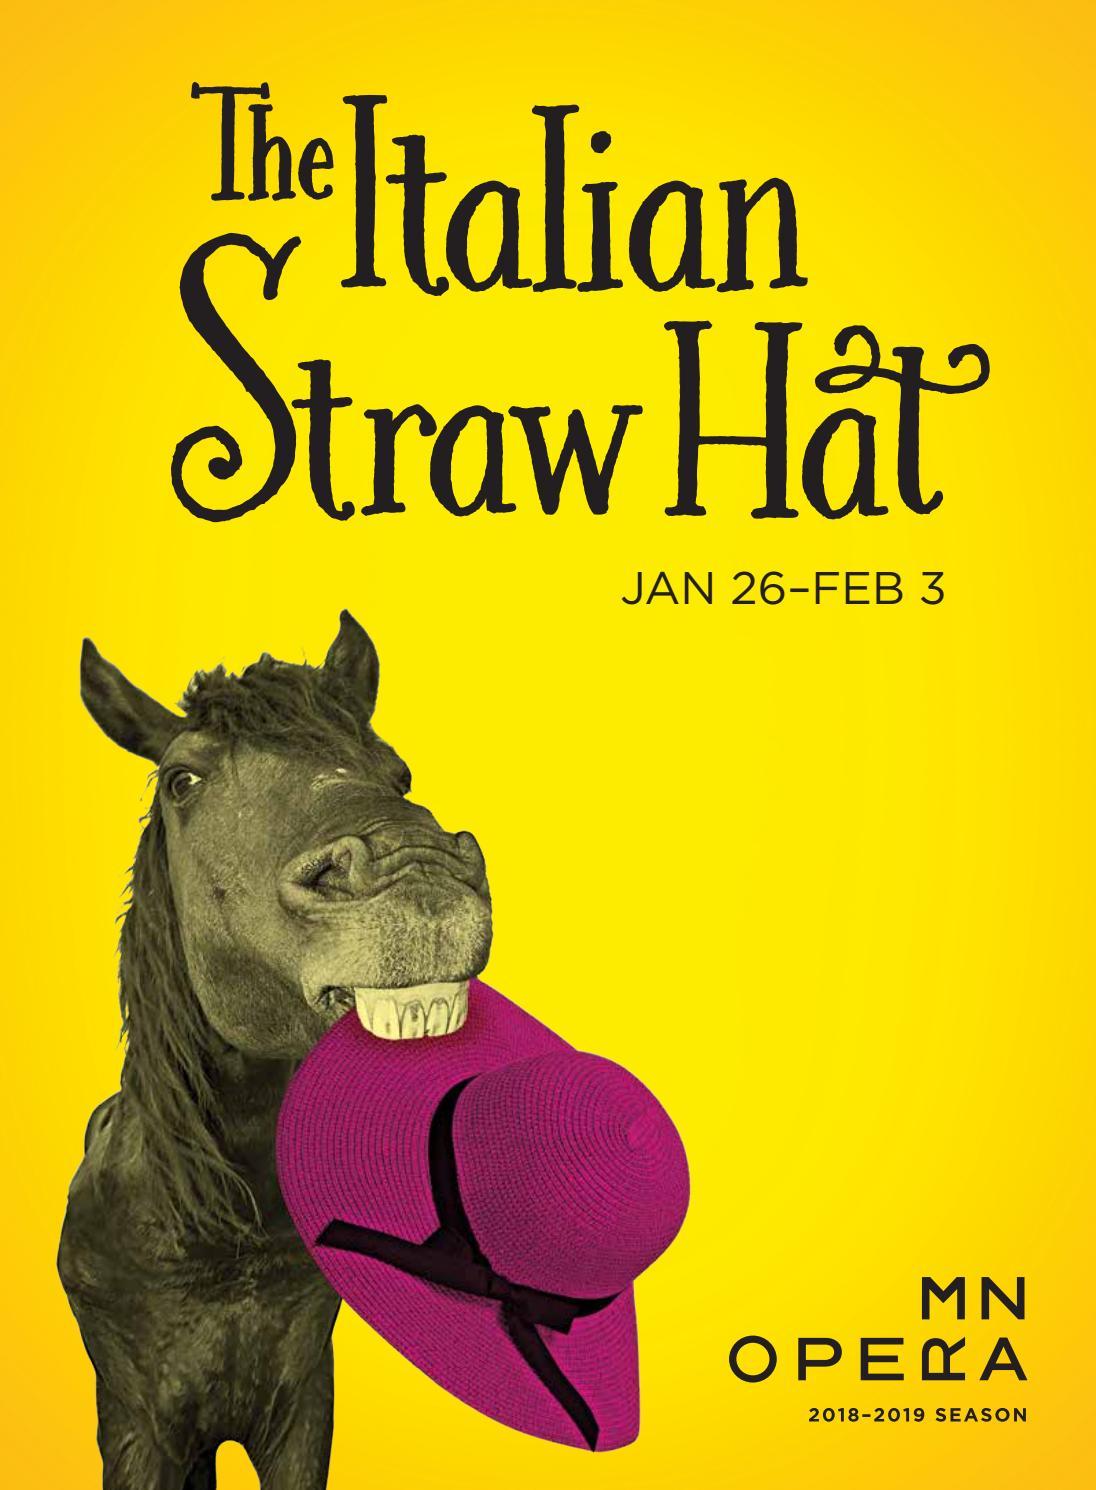 Minnesota Opera's The Italian Straw Hat